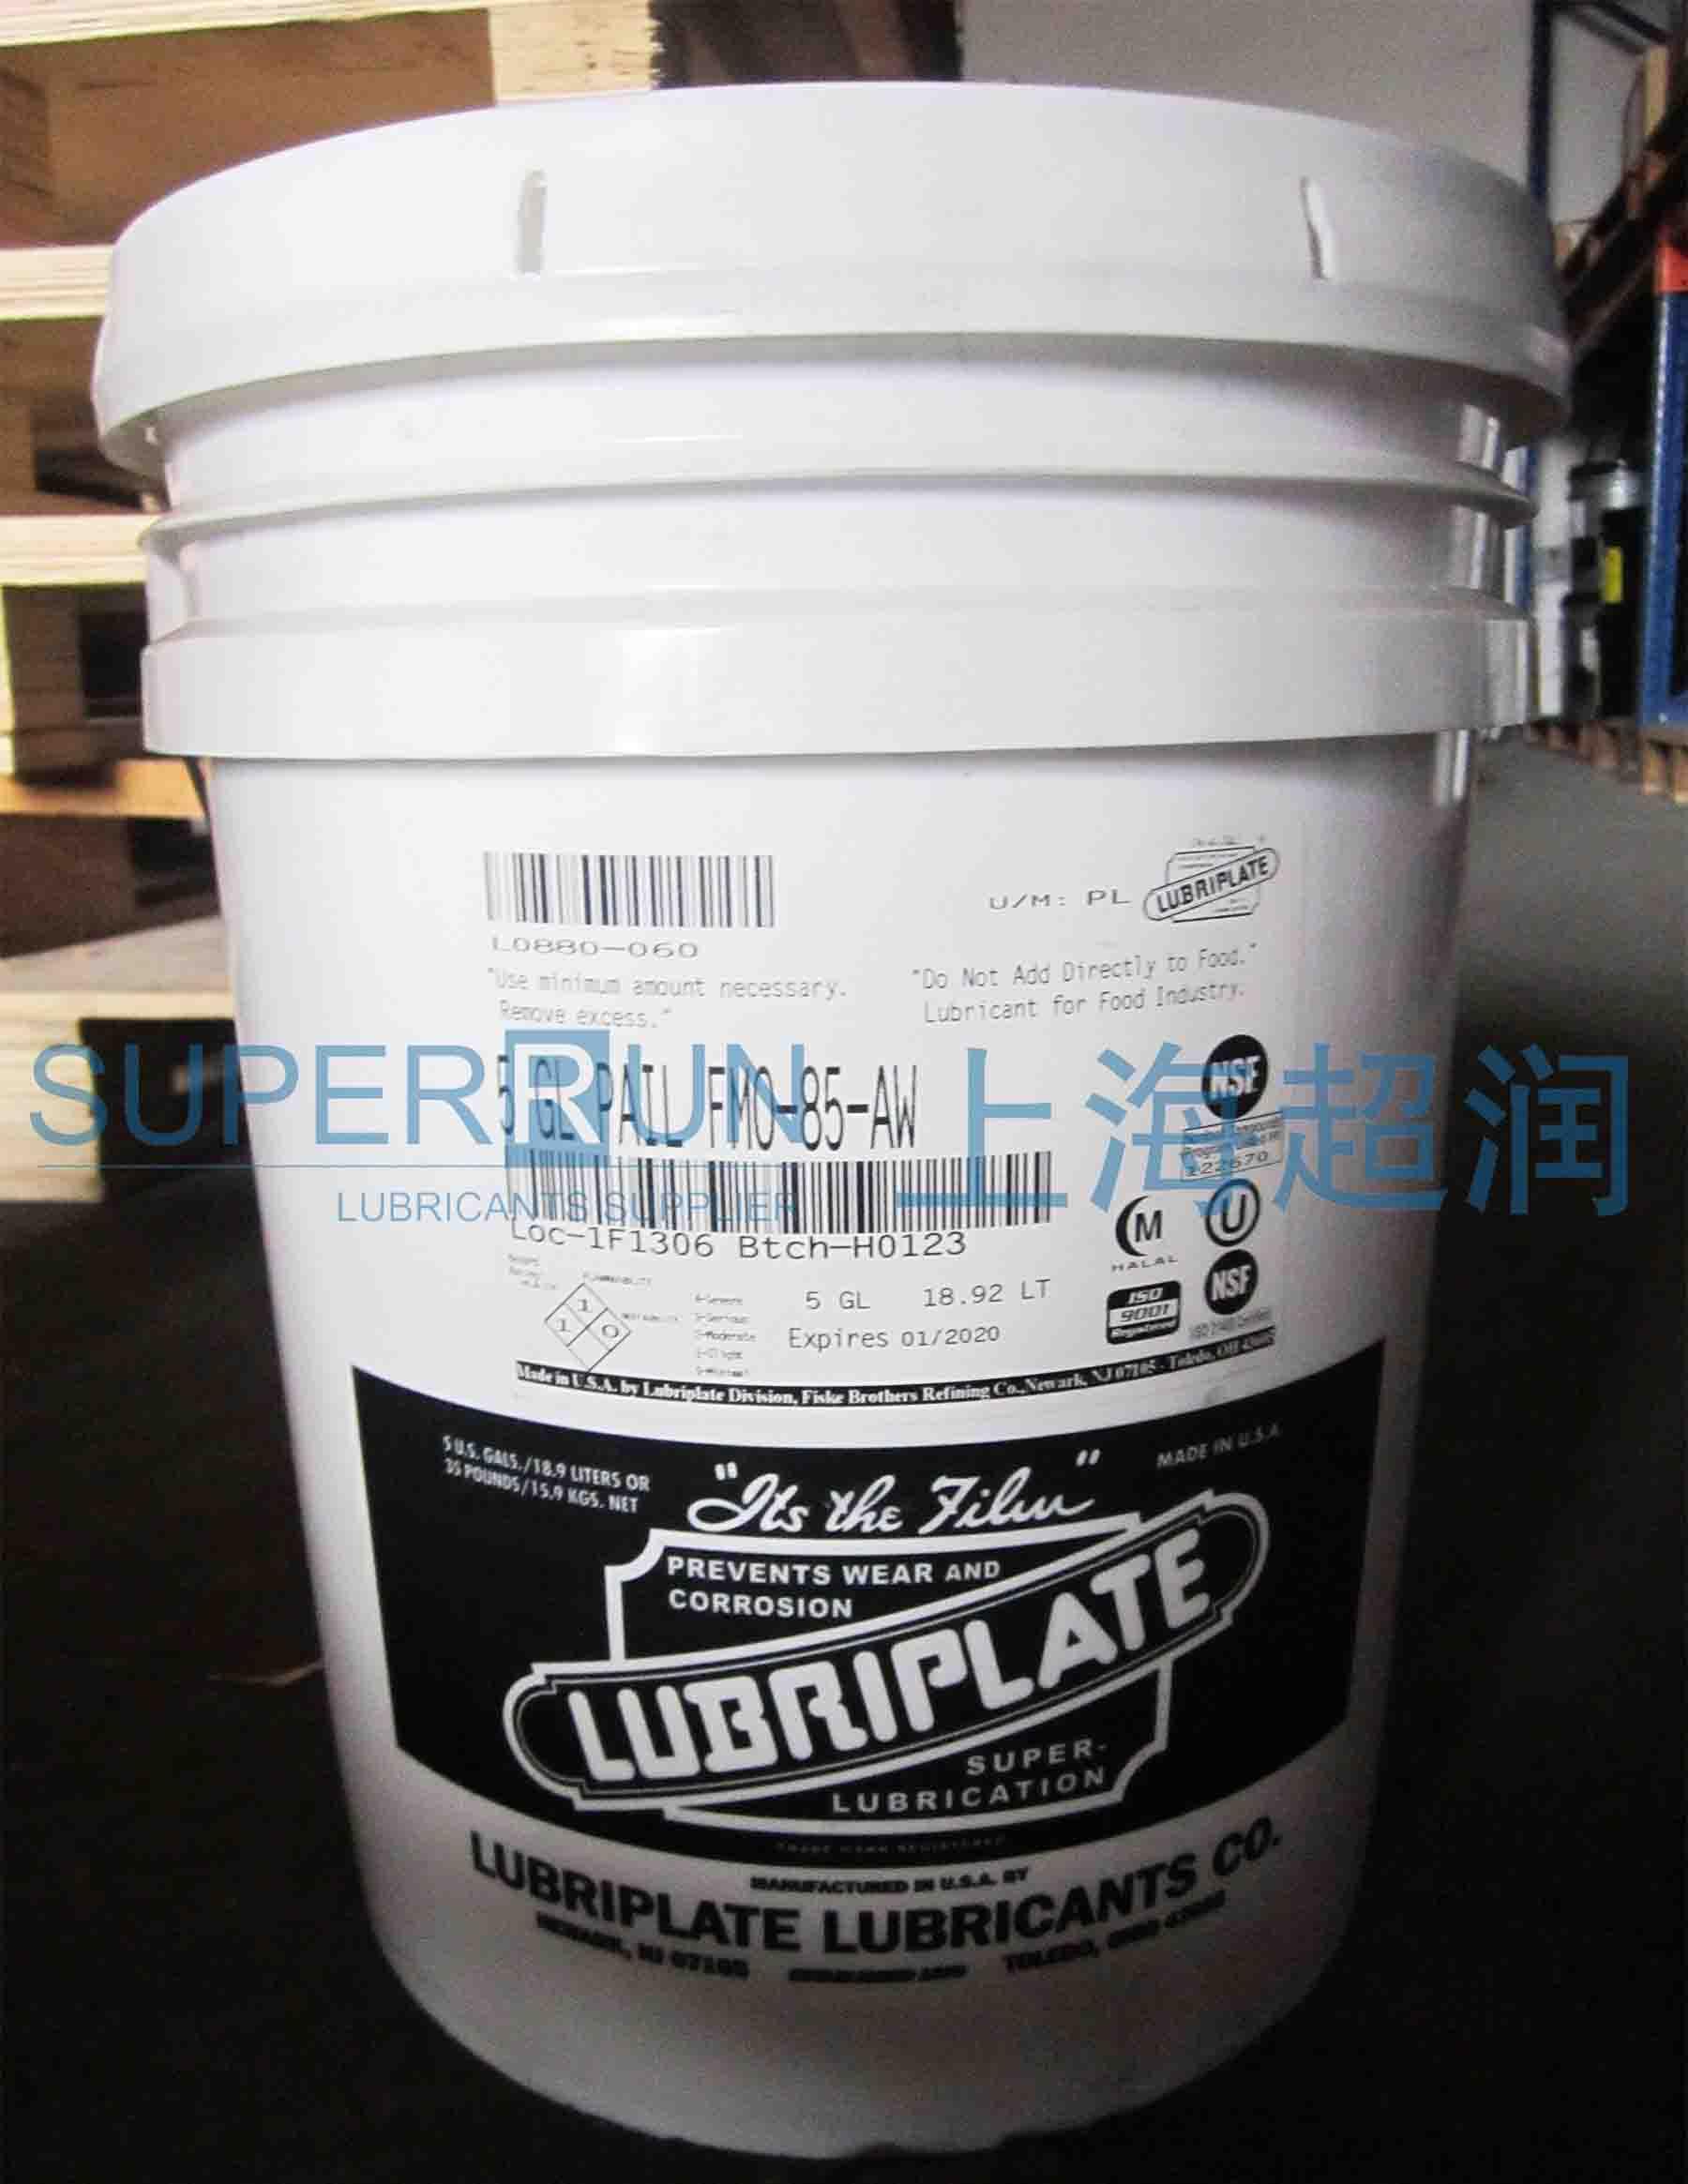 威氏Lubriplate FMO-AW 系列润滑剂